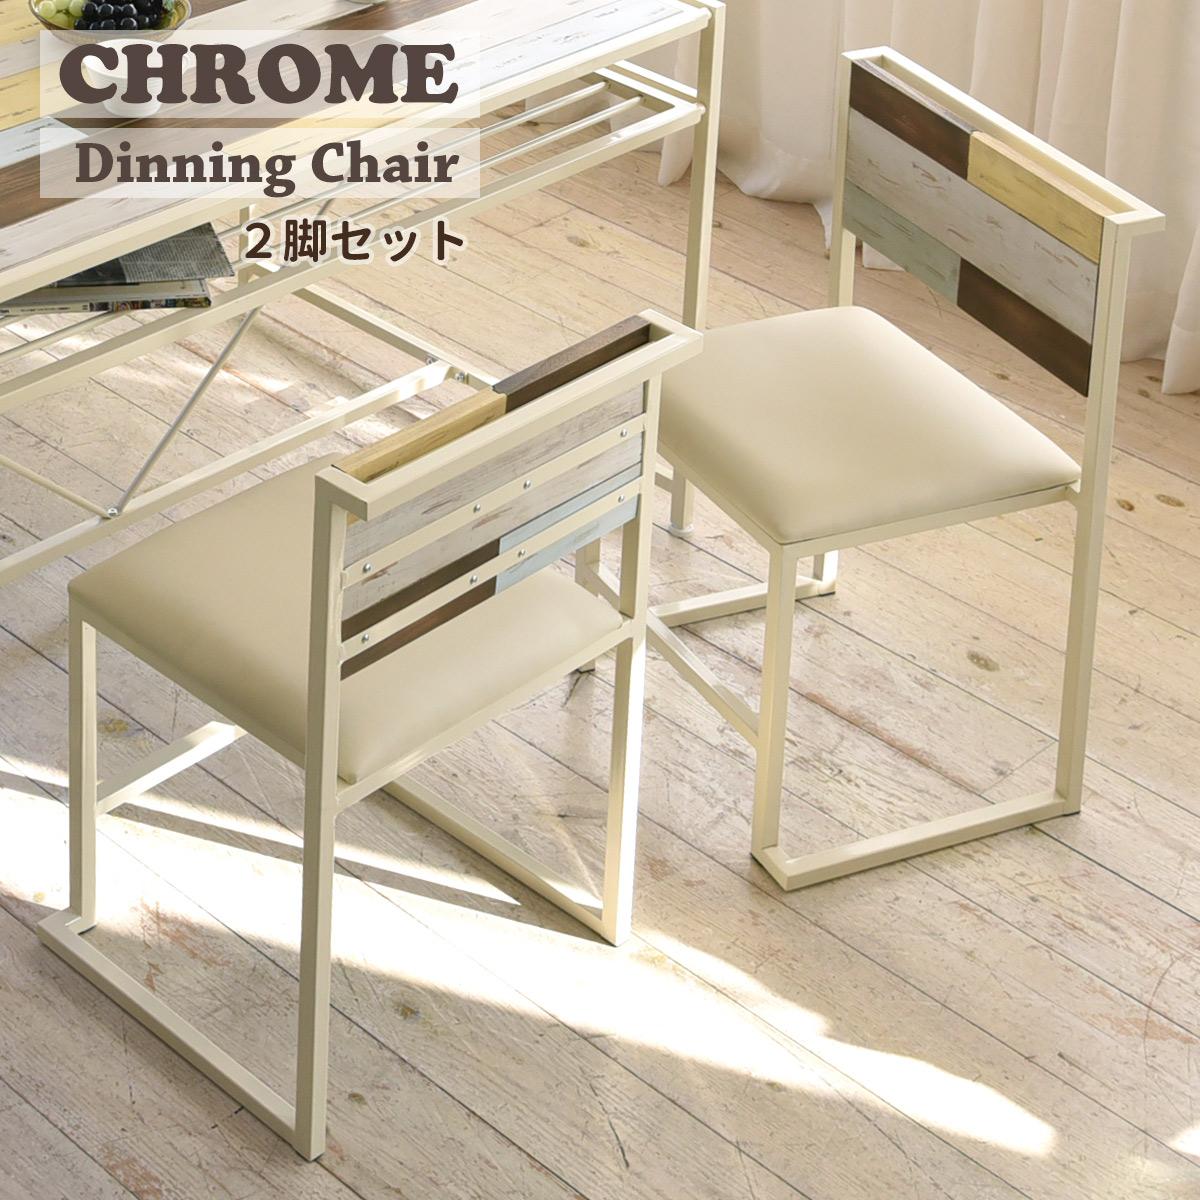 送料無料 ダイニングチェア 2脚セット 2脚組 いす 椅子 食卓椅子 ダイニングチェアー 天然木 北欧 木製 チェアー シンプル スタッキング アイアン おしゃれ アンティーク 塗装 モダン スタイリッシュ ハンドメイド ナチュラル